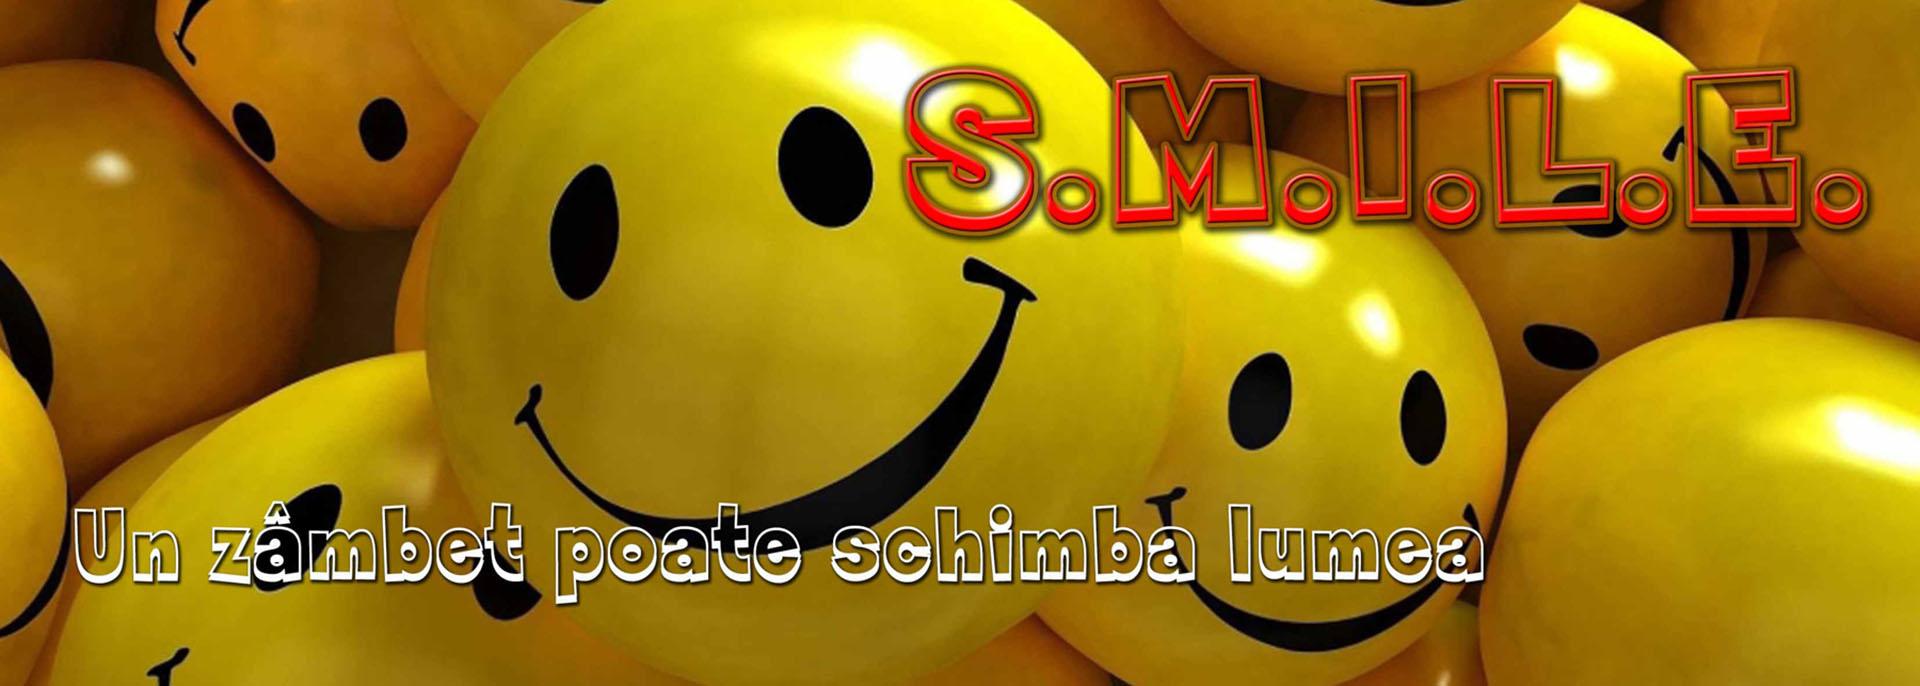 foto ANIMATIE (11) - SMILE